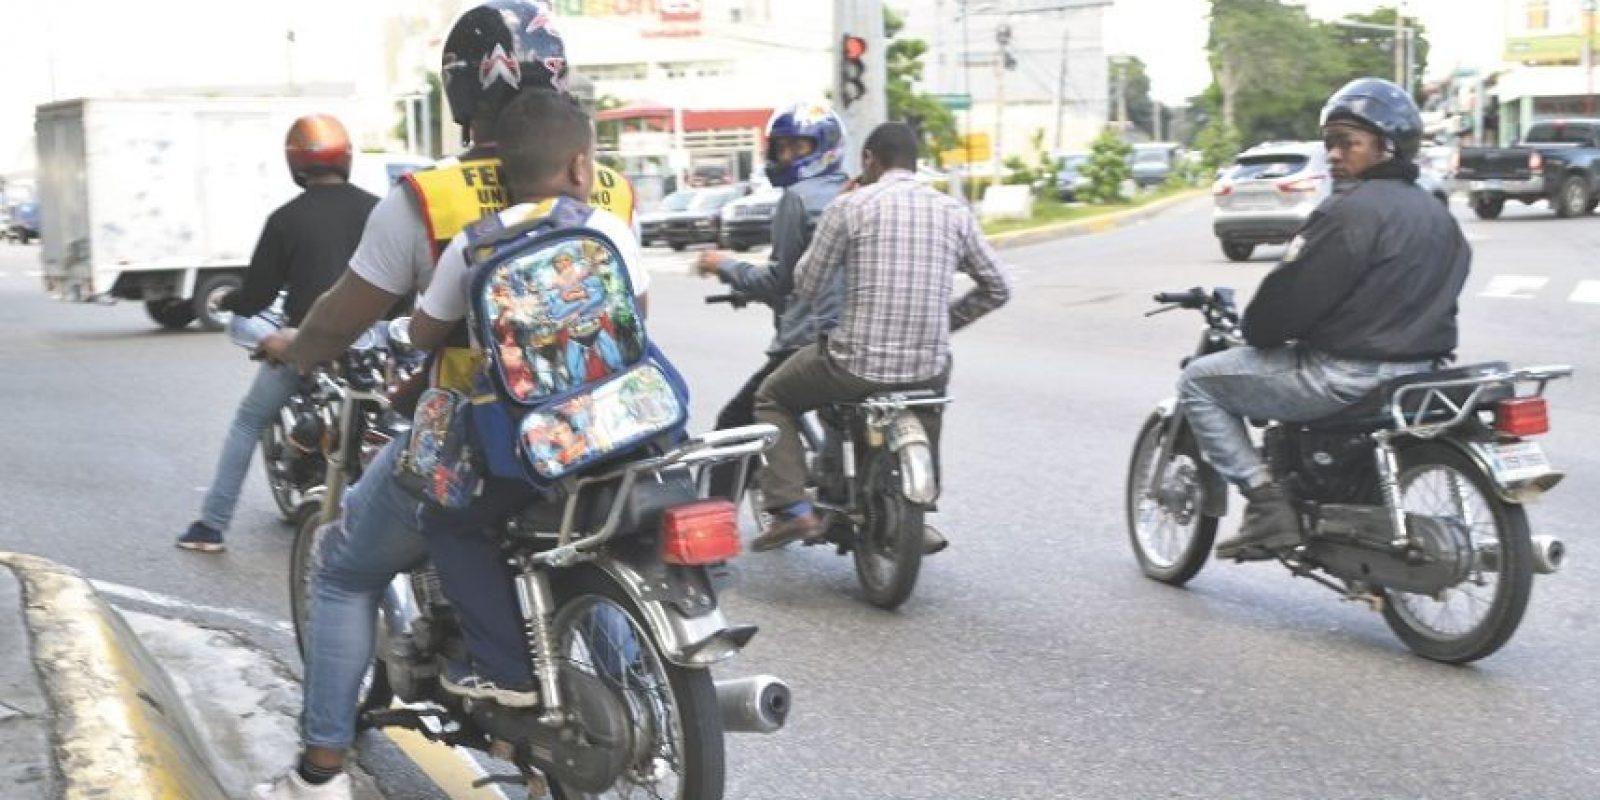 Los motoconchos transitan por las principales vías con más de dos personas y a veces con toda una familia. Foto:Mario de Peña